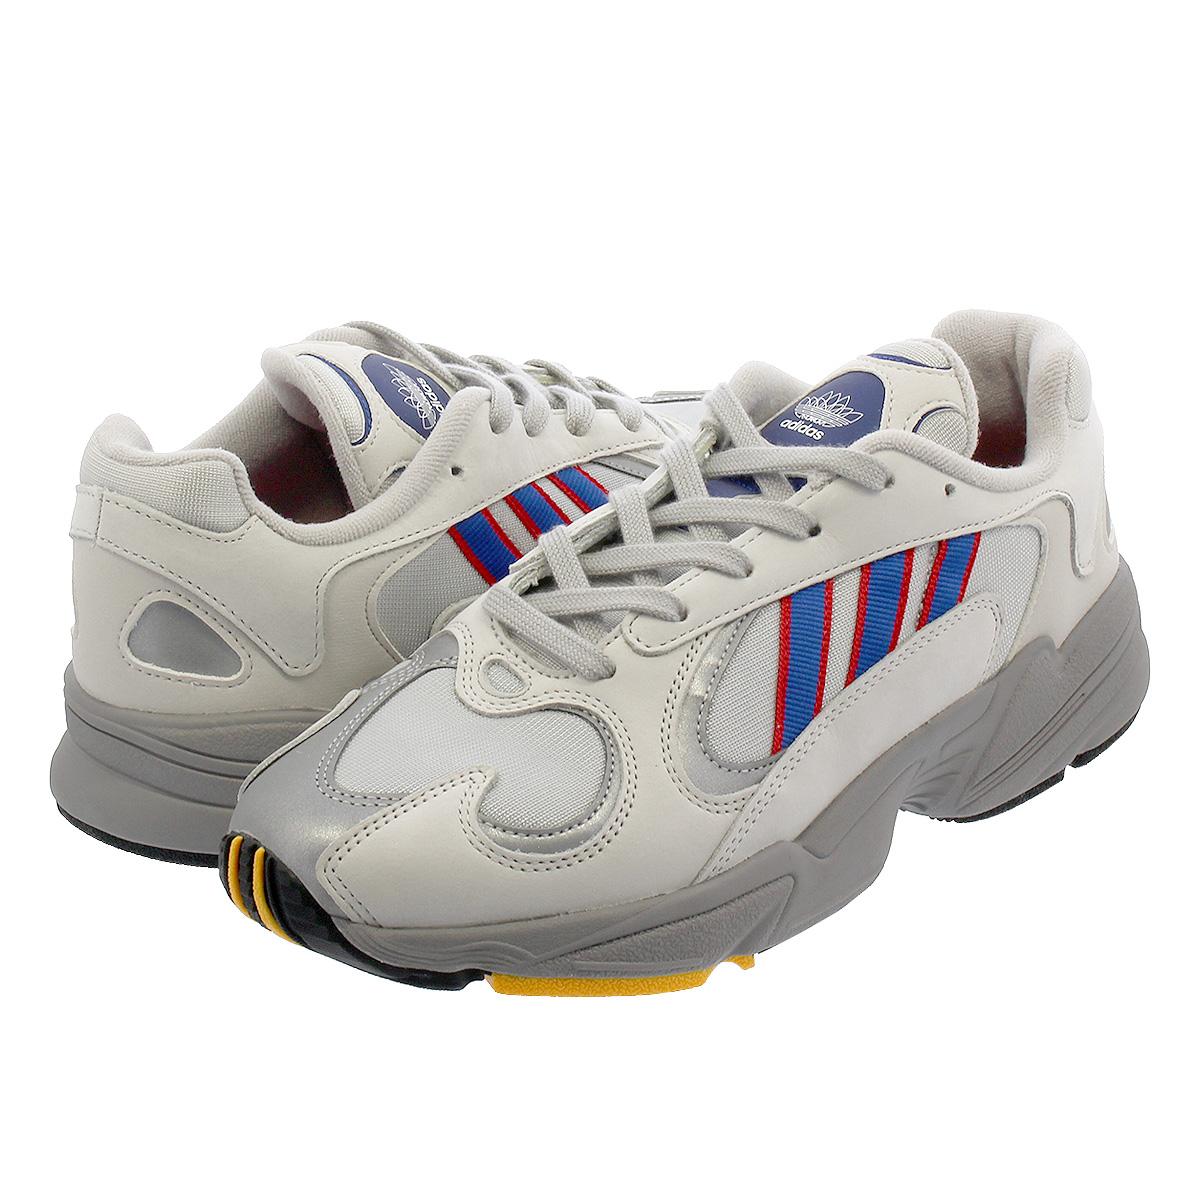 【お買い物マラソンSALE】 adidas YUNG-1 【adidas Originals】 アディダス ヤング 1 GREY/COLLEGE ROYAL/SCARLET cg7127